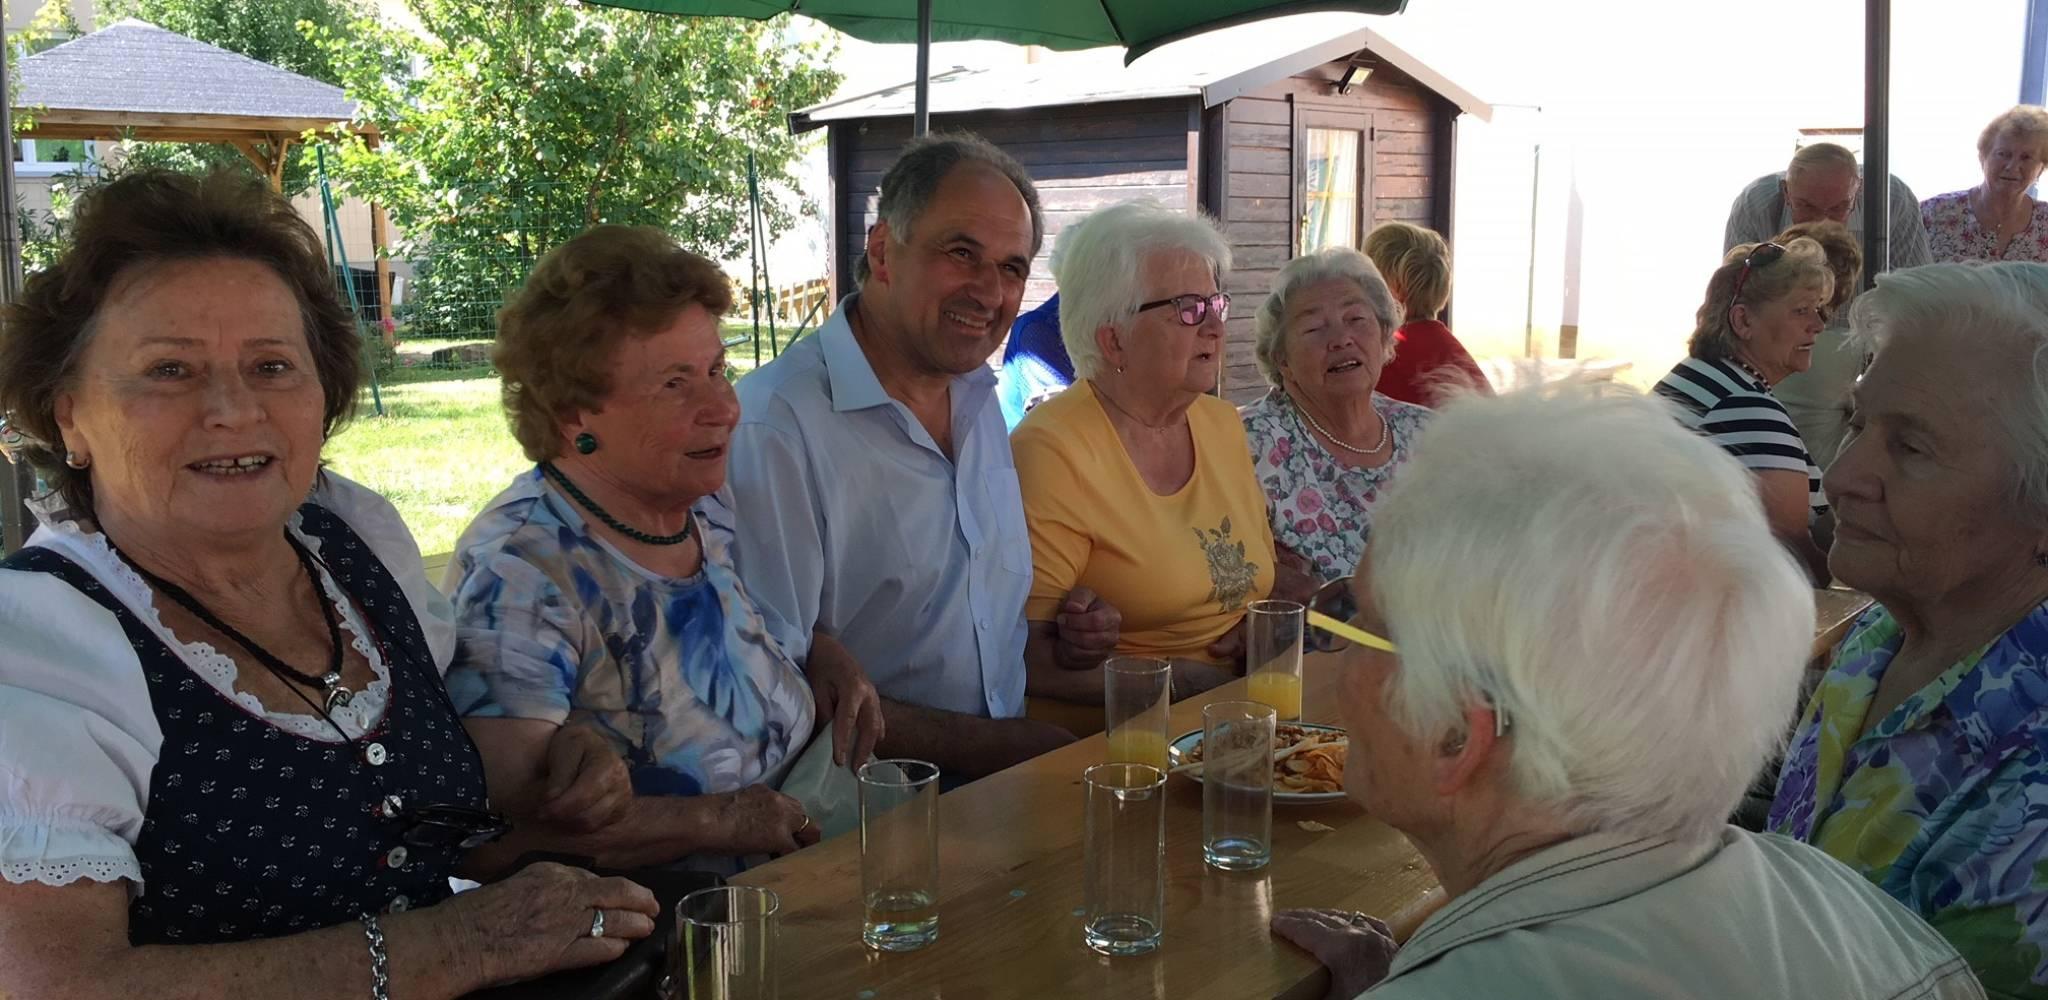 seniorenfest